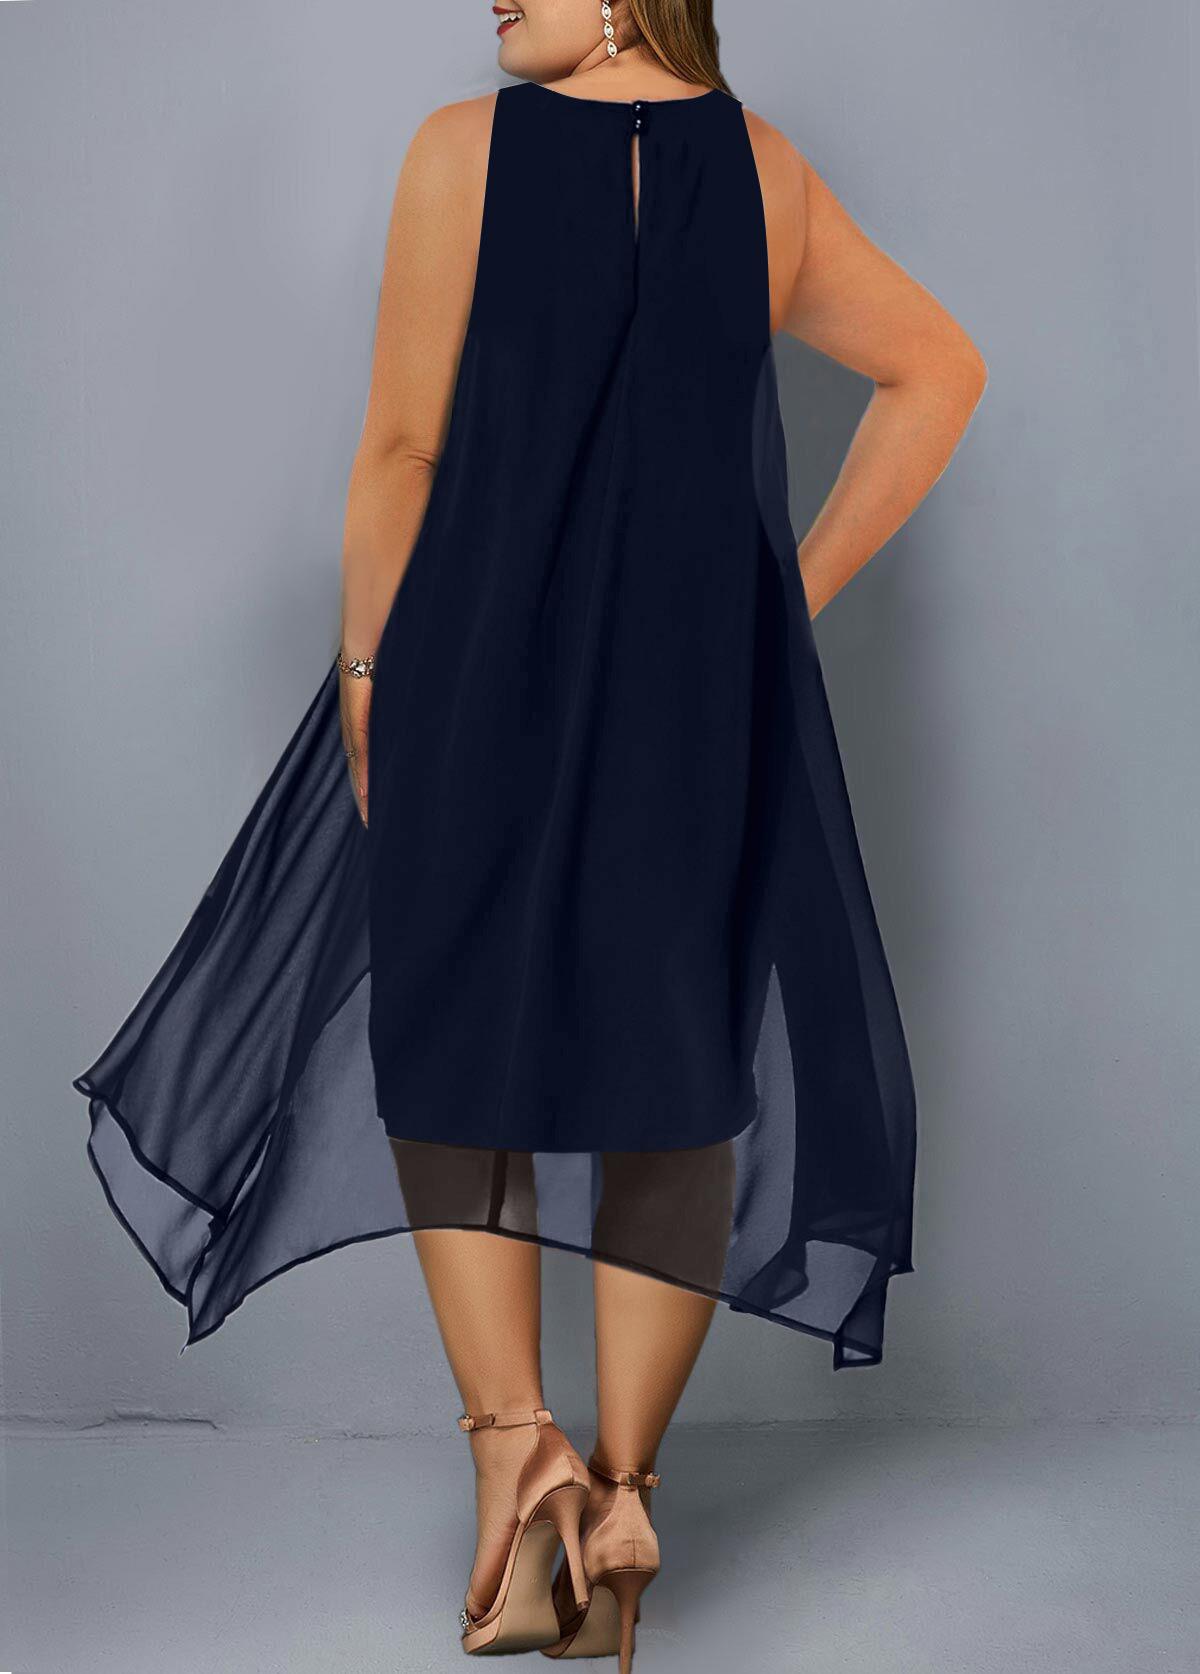 Asymmetric Hem Embellished Neck Sleeveless Plus Size Dress